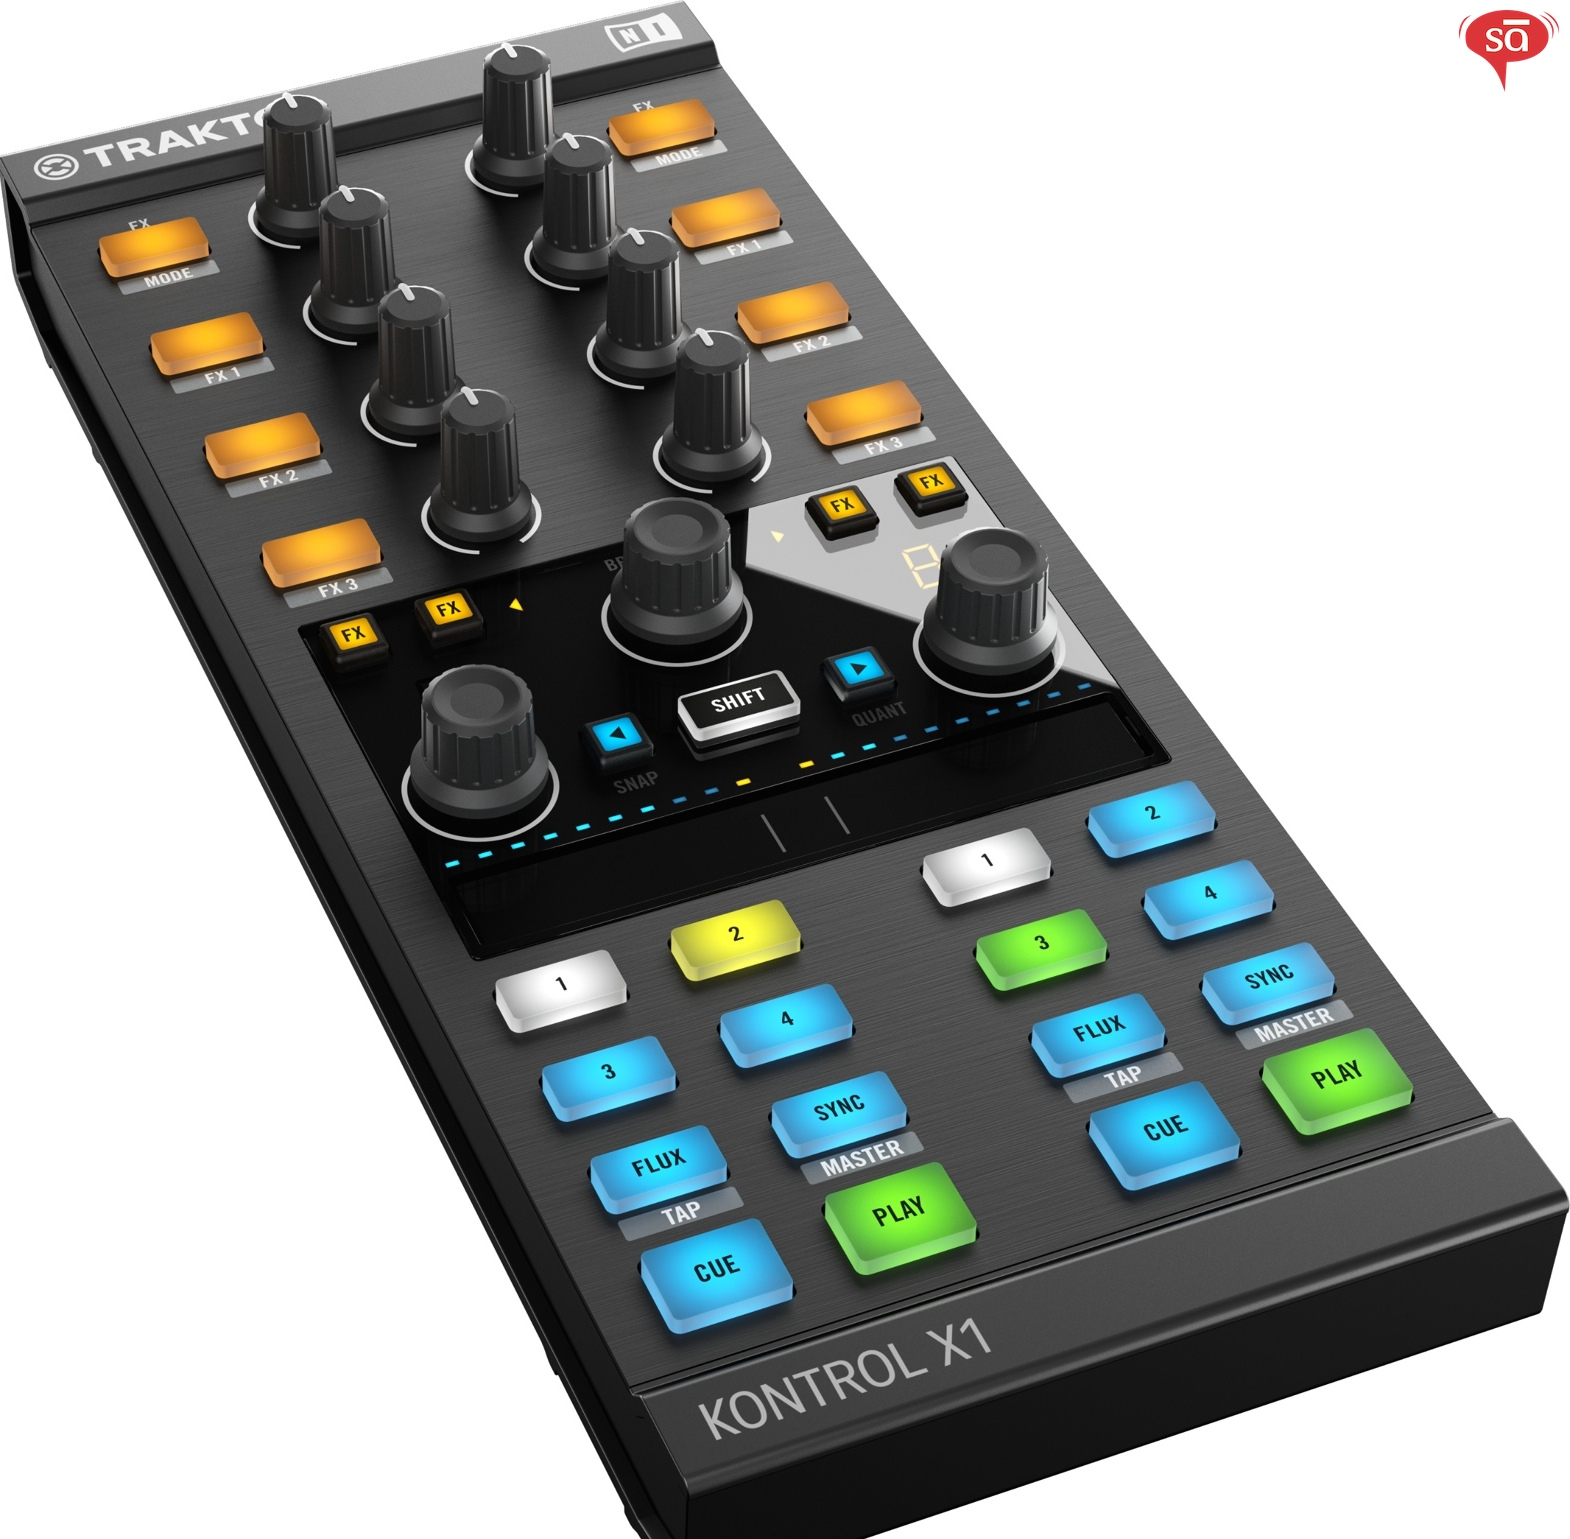 Native Instruments Traktor Kontrol X1 mk2 DJ Mixers | Sudeepaudio com